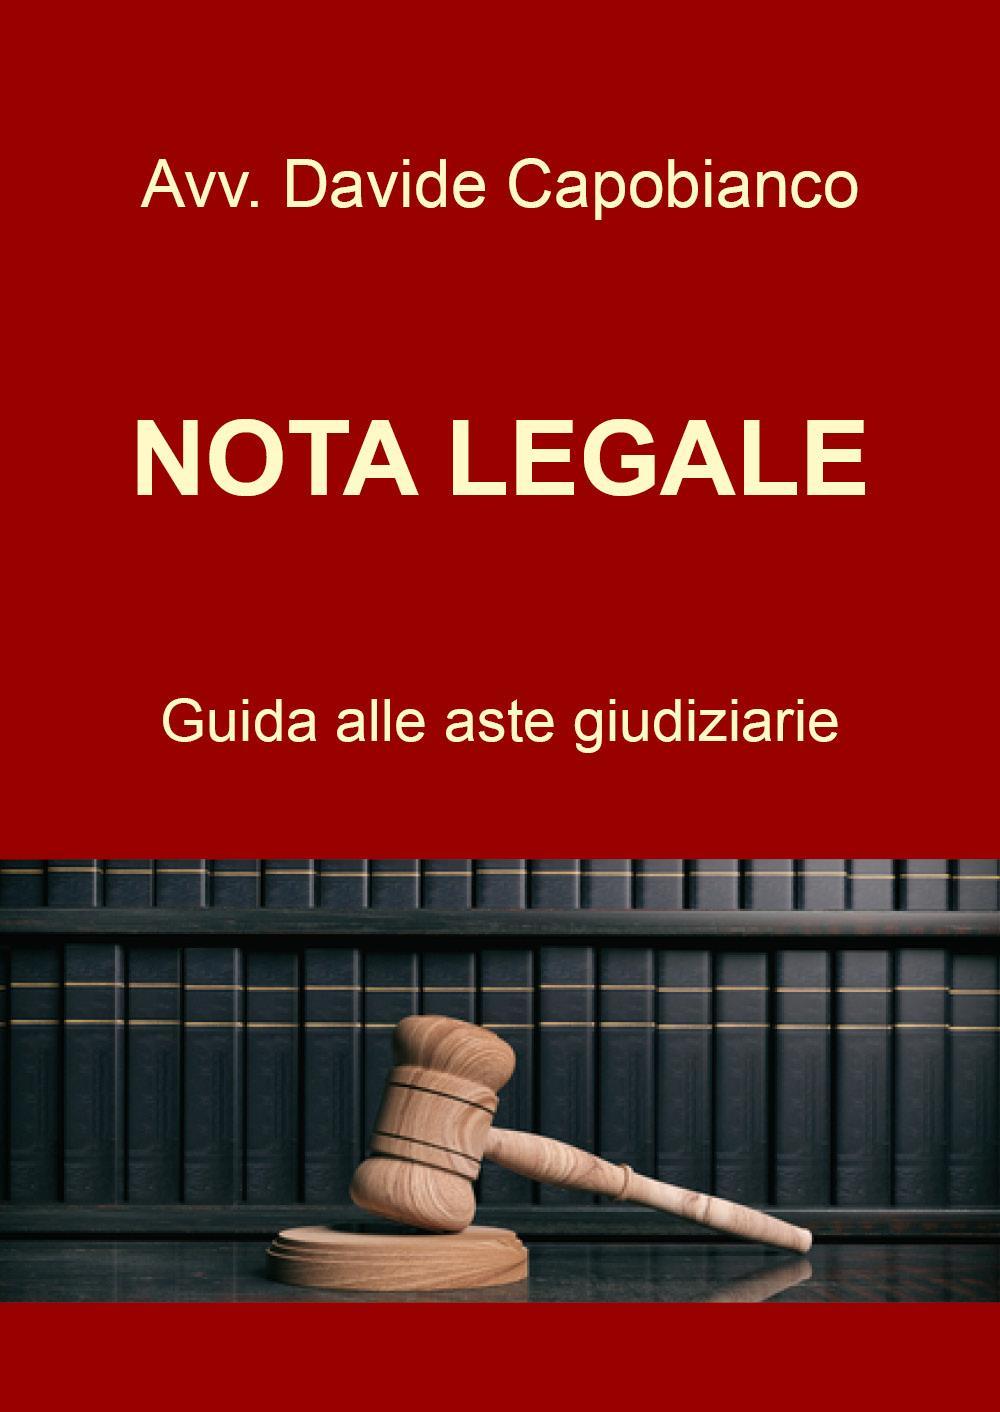 Nota Legale - guida alle aste giudiziarie